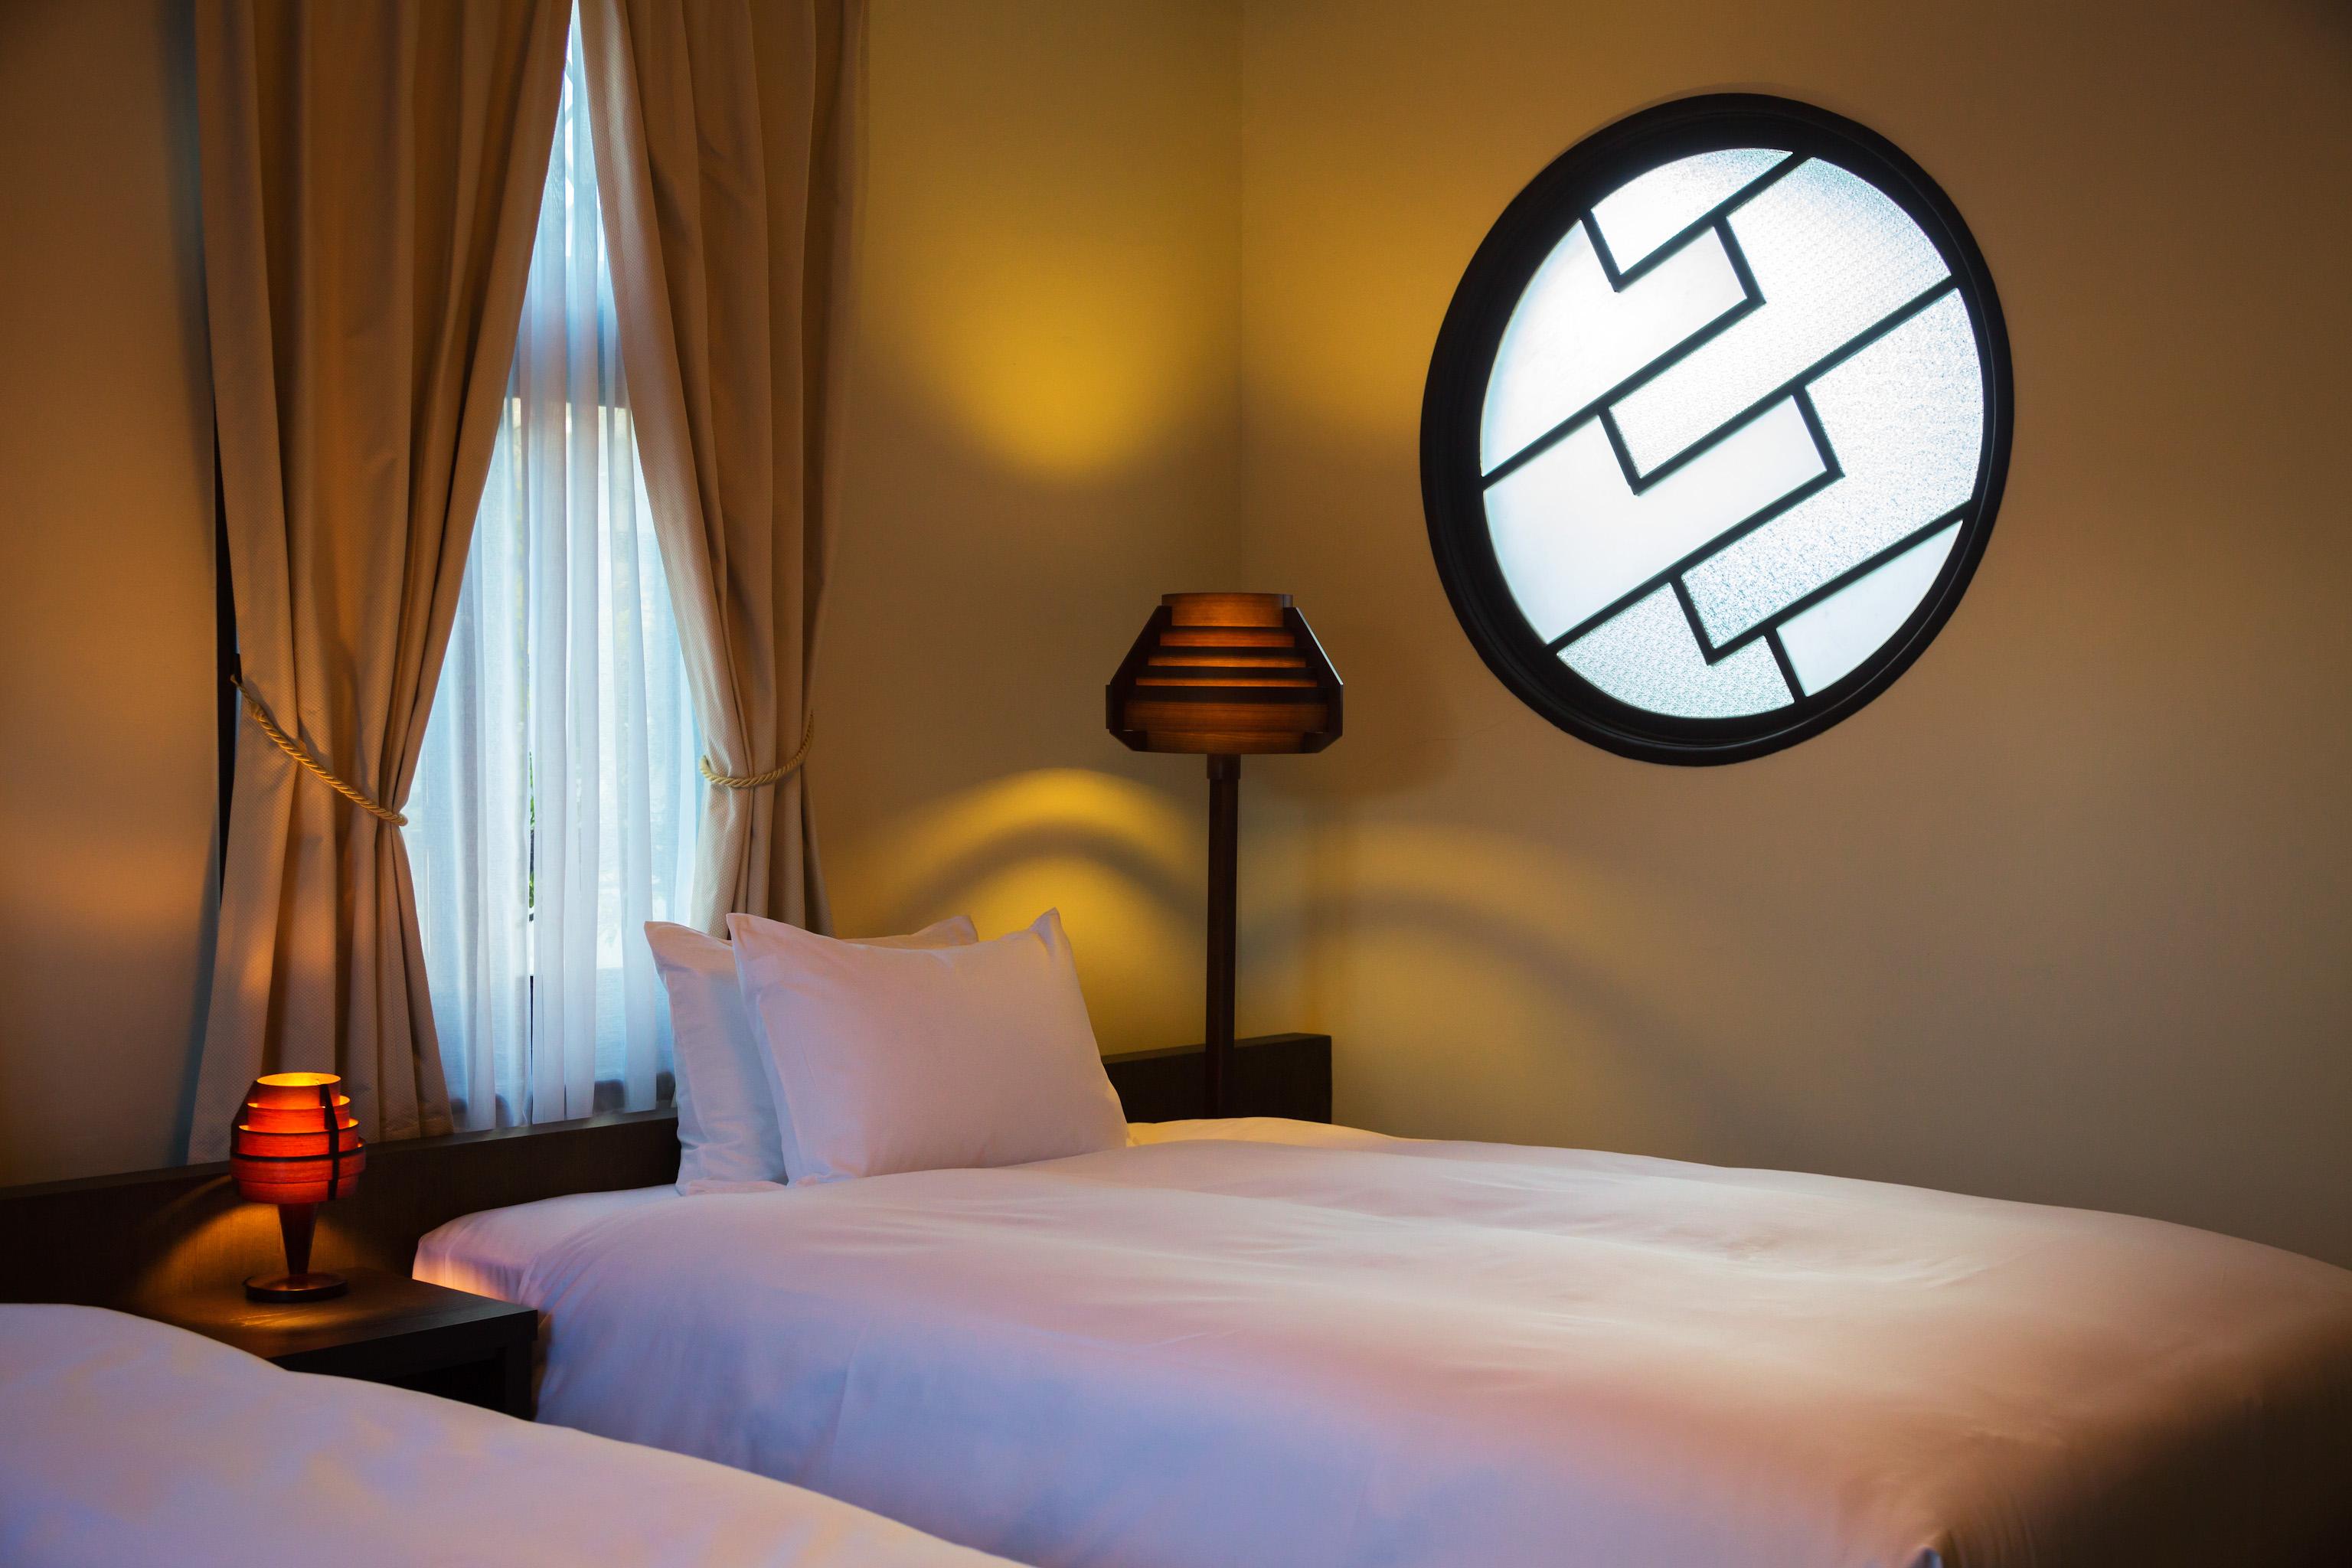 尾道の山手にたたずむ「島居邸洋館」で、二人きりで暮らすように過ごす3日間。リノベーション2周年記念連泊ステイプラン~せとうち 湊のやど